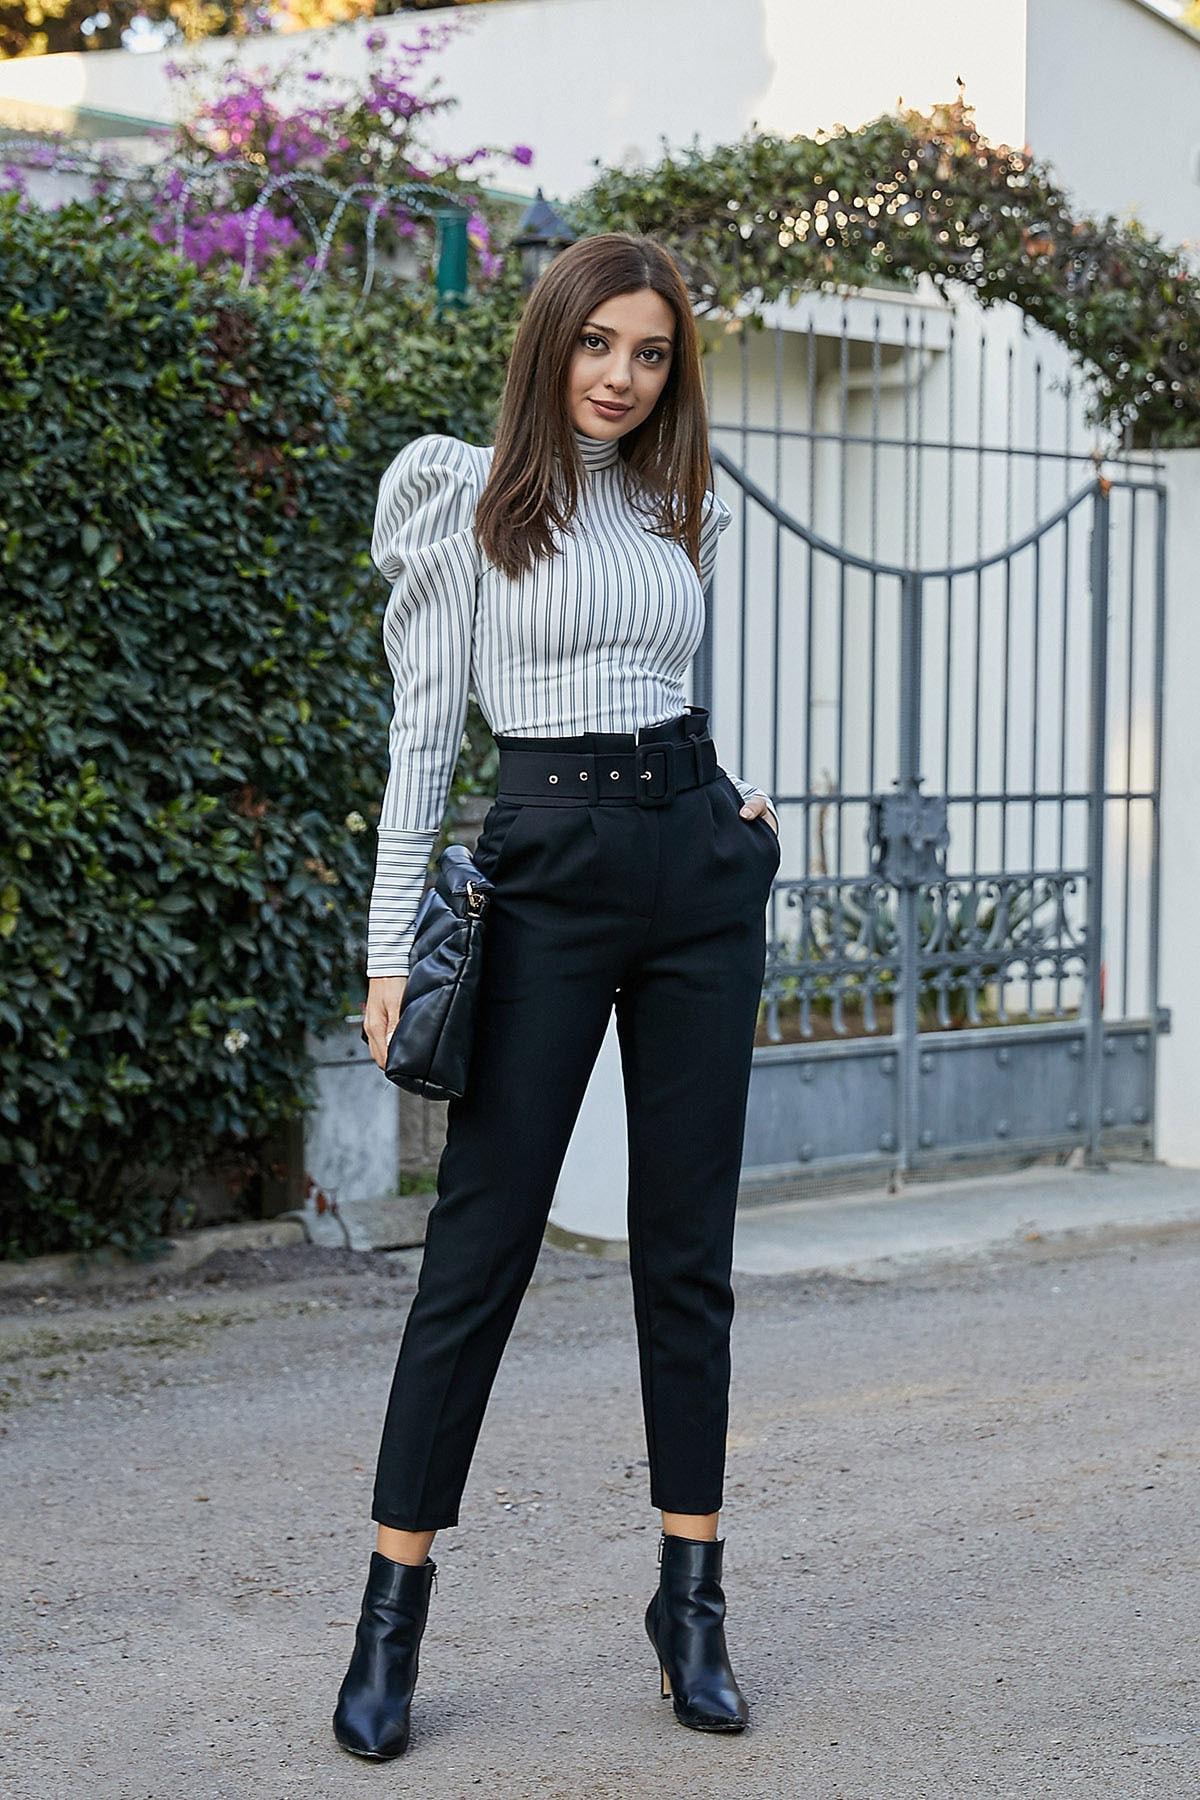 Sateen Kadın Siyah Kemerli Yüksek Bel Cigarette Pantolon 1